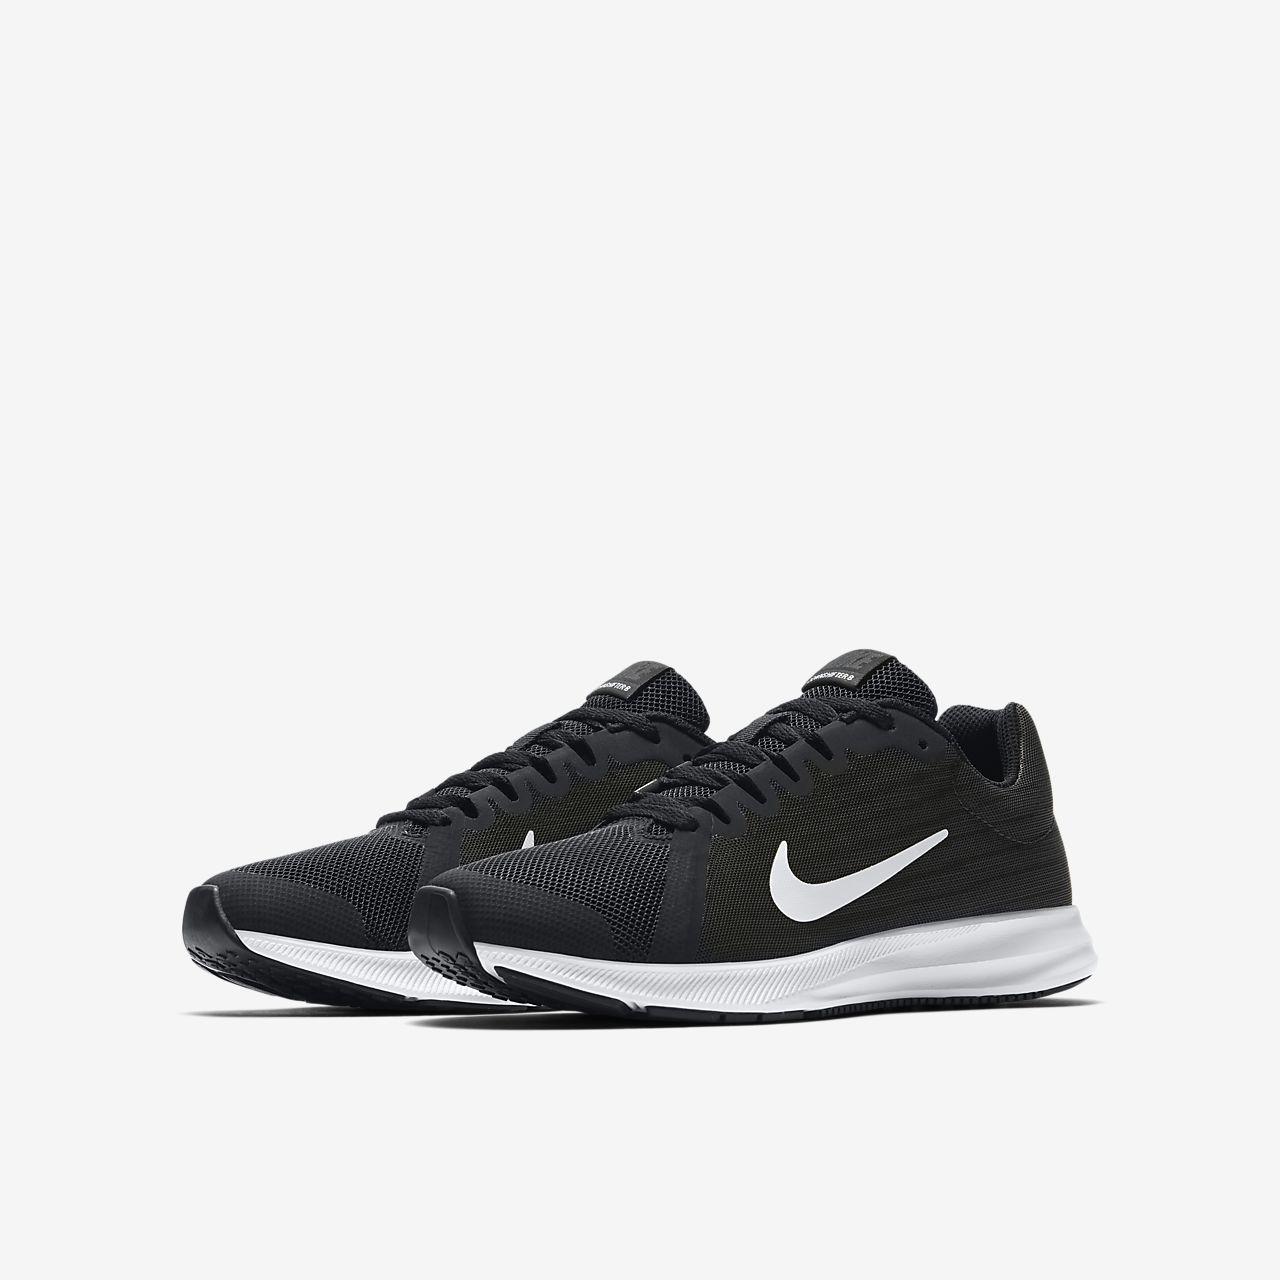 Femmes Vers Le Bas Shifter 8 Chaussures De Course Nike pxTXmsi